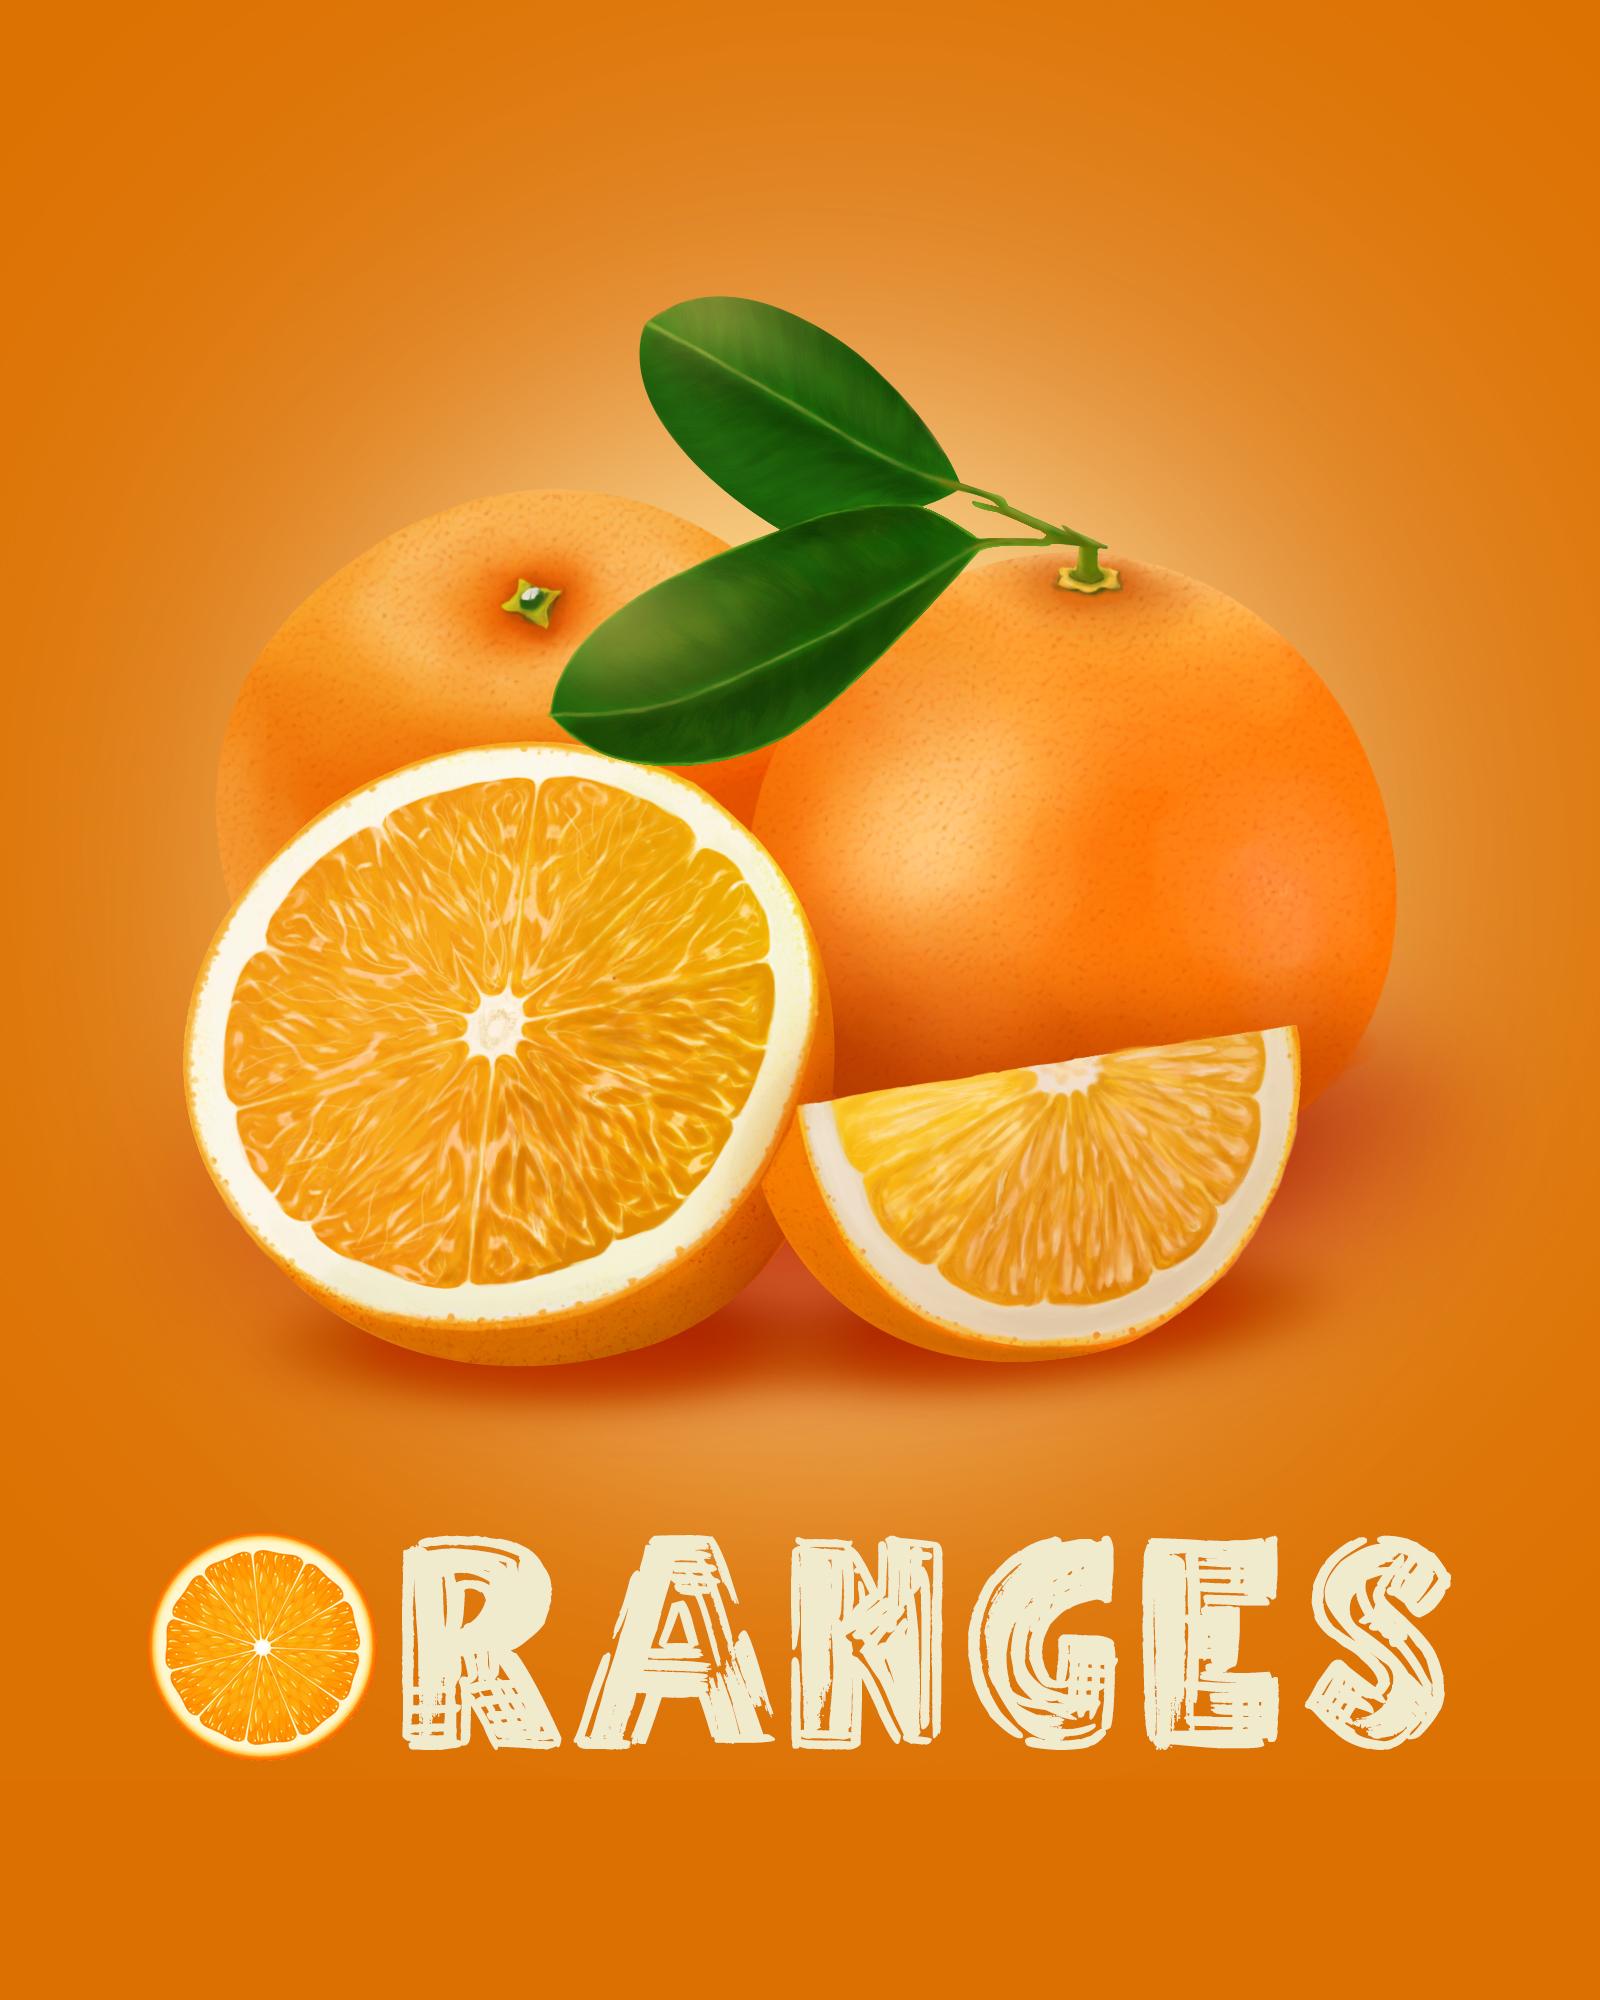 精品手绘橙子矢量素材